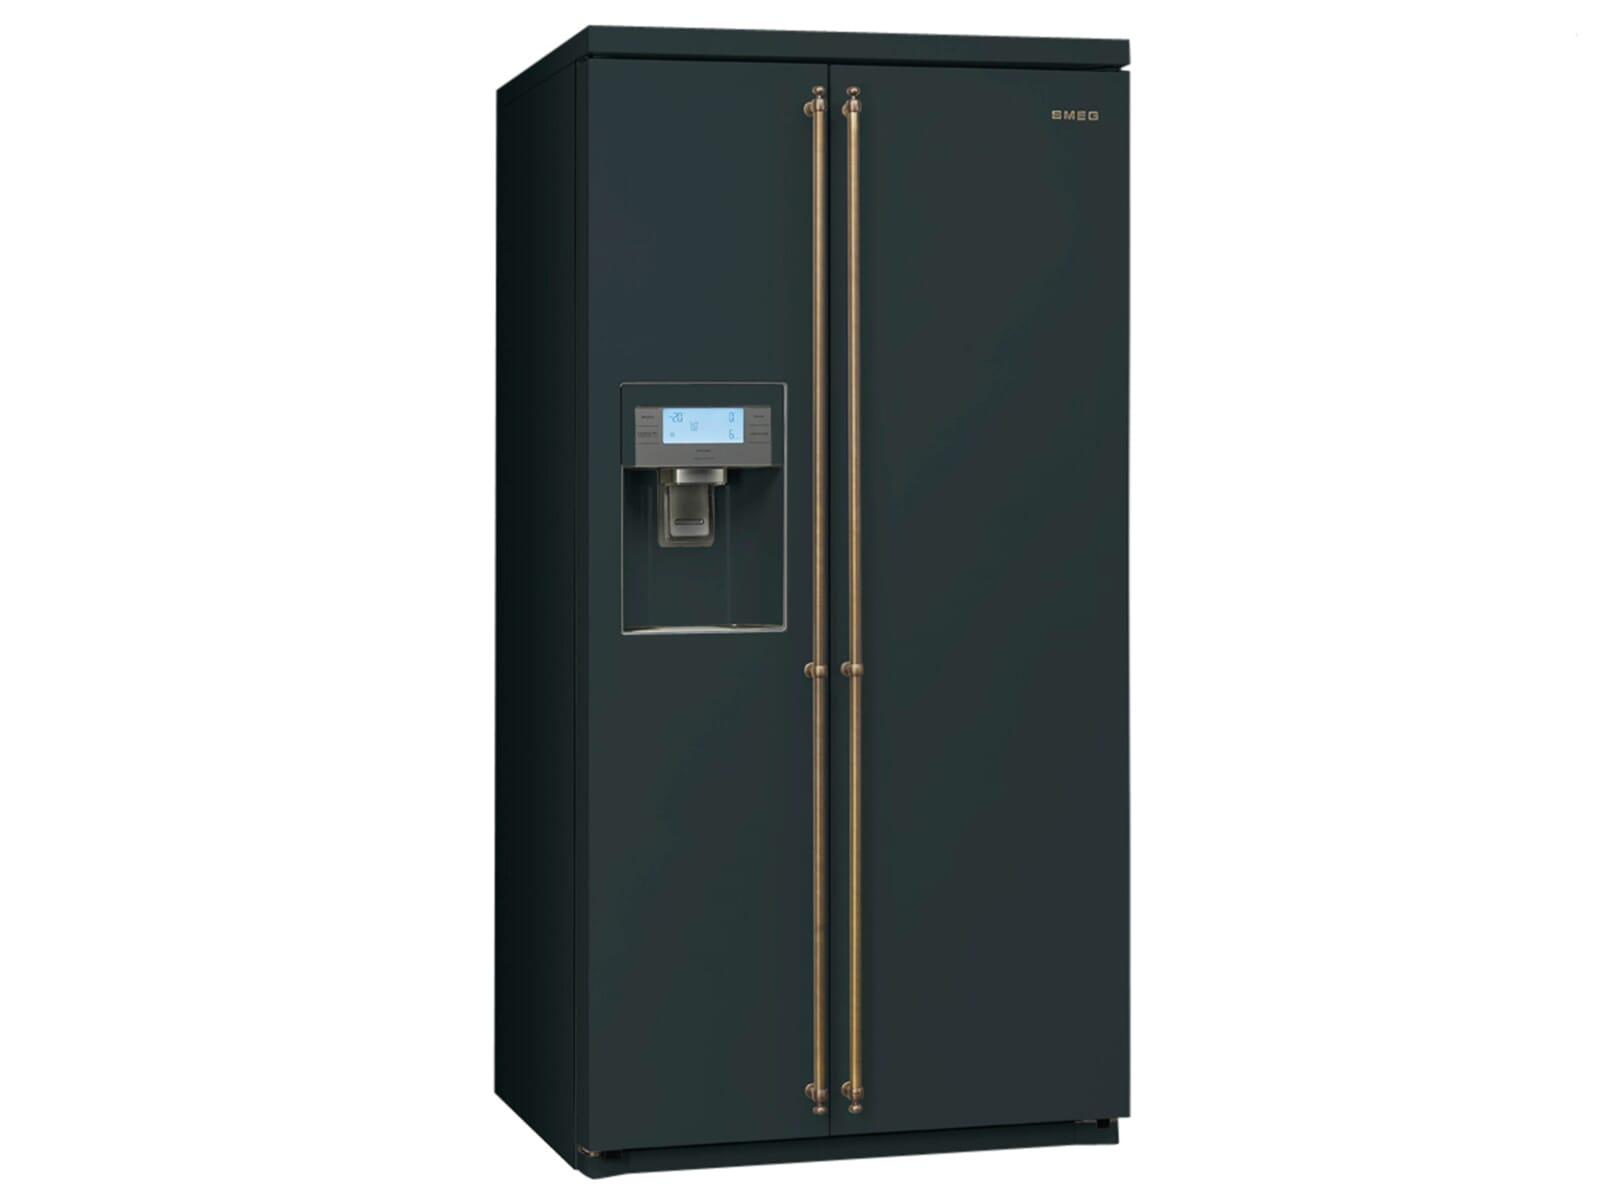 Kühlschrank In Schwarz : Side by side schwarz haier hrf cjb glasfront schwarz bei